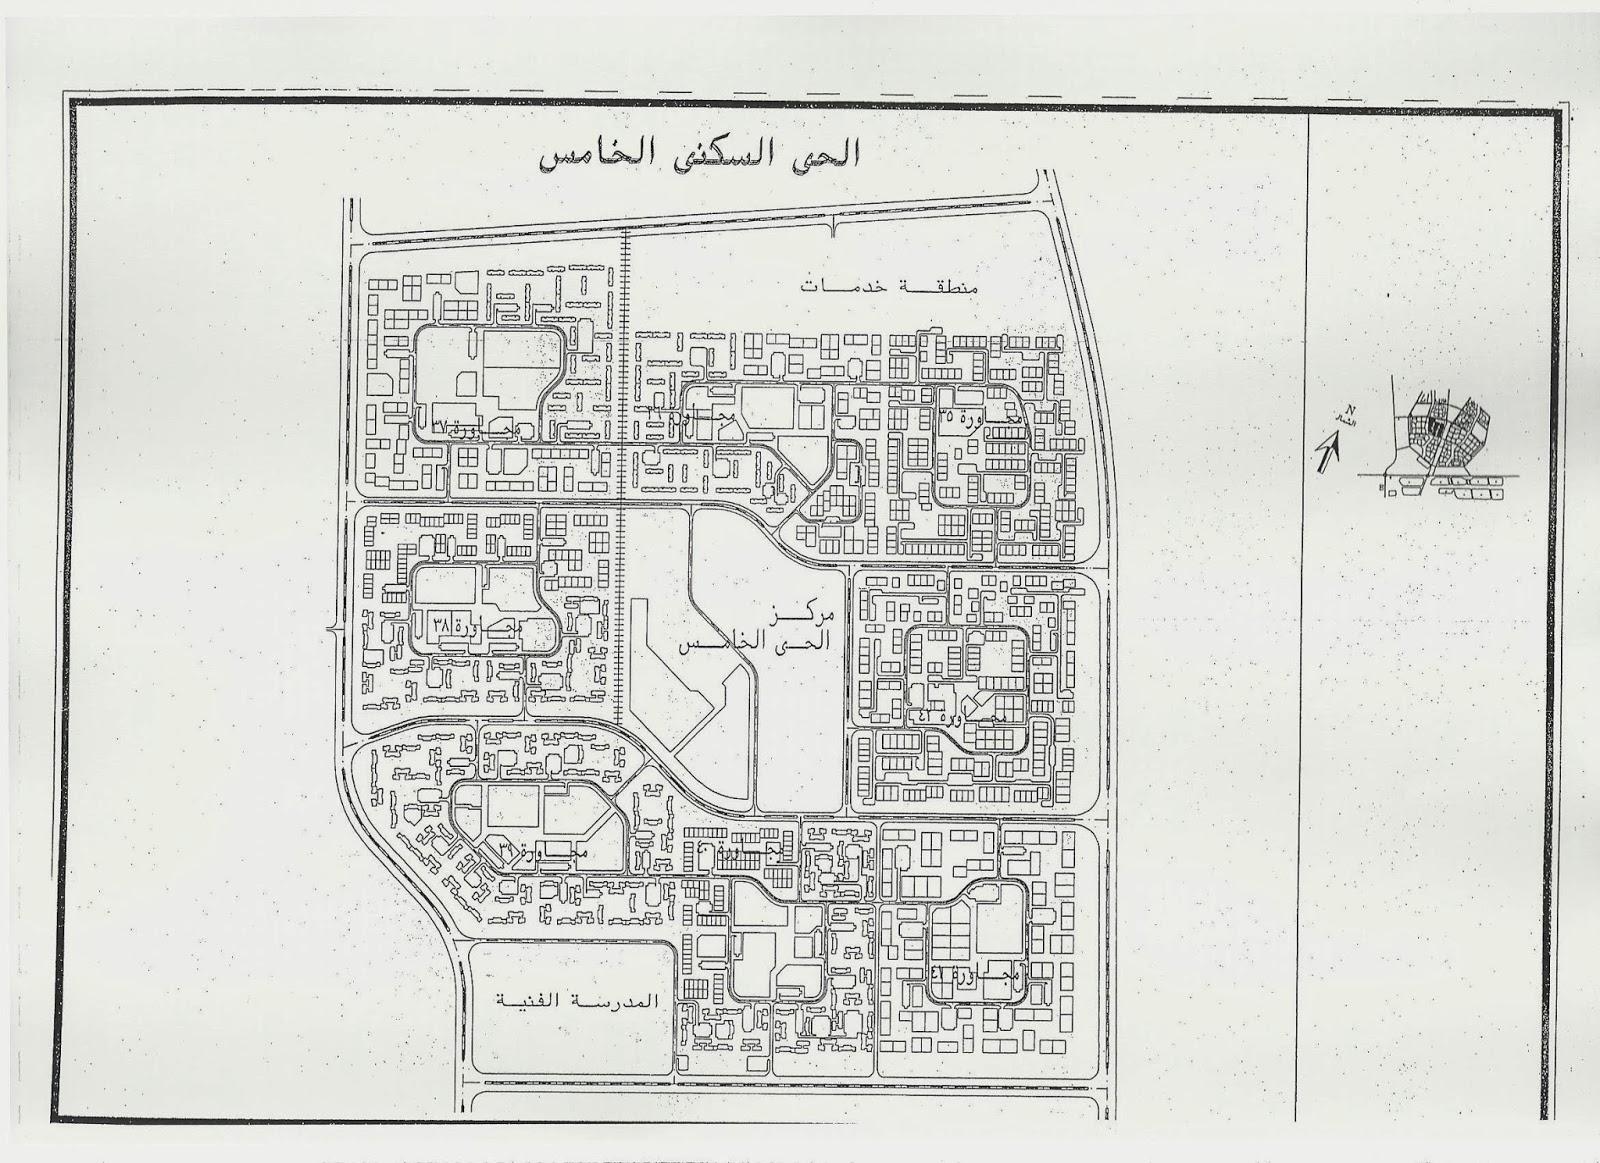 خريطة الحي السكني الخامس العاشر من رمضان